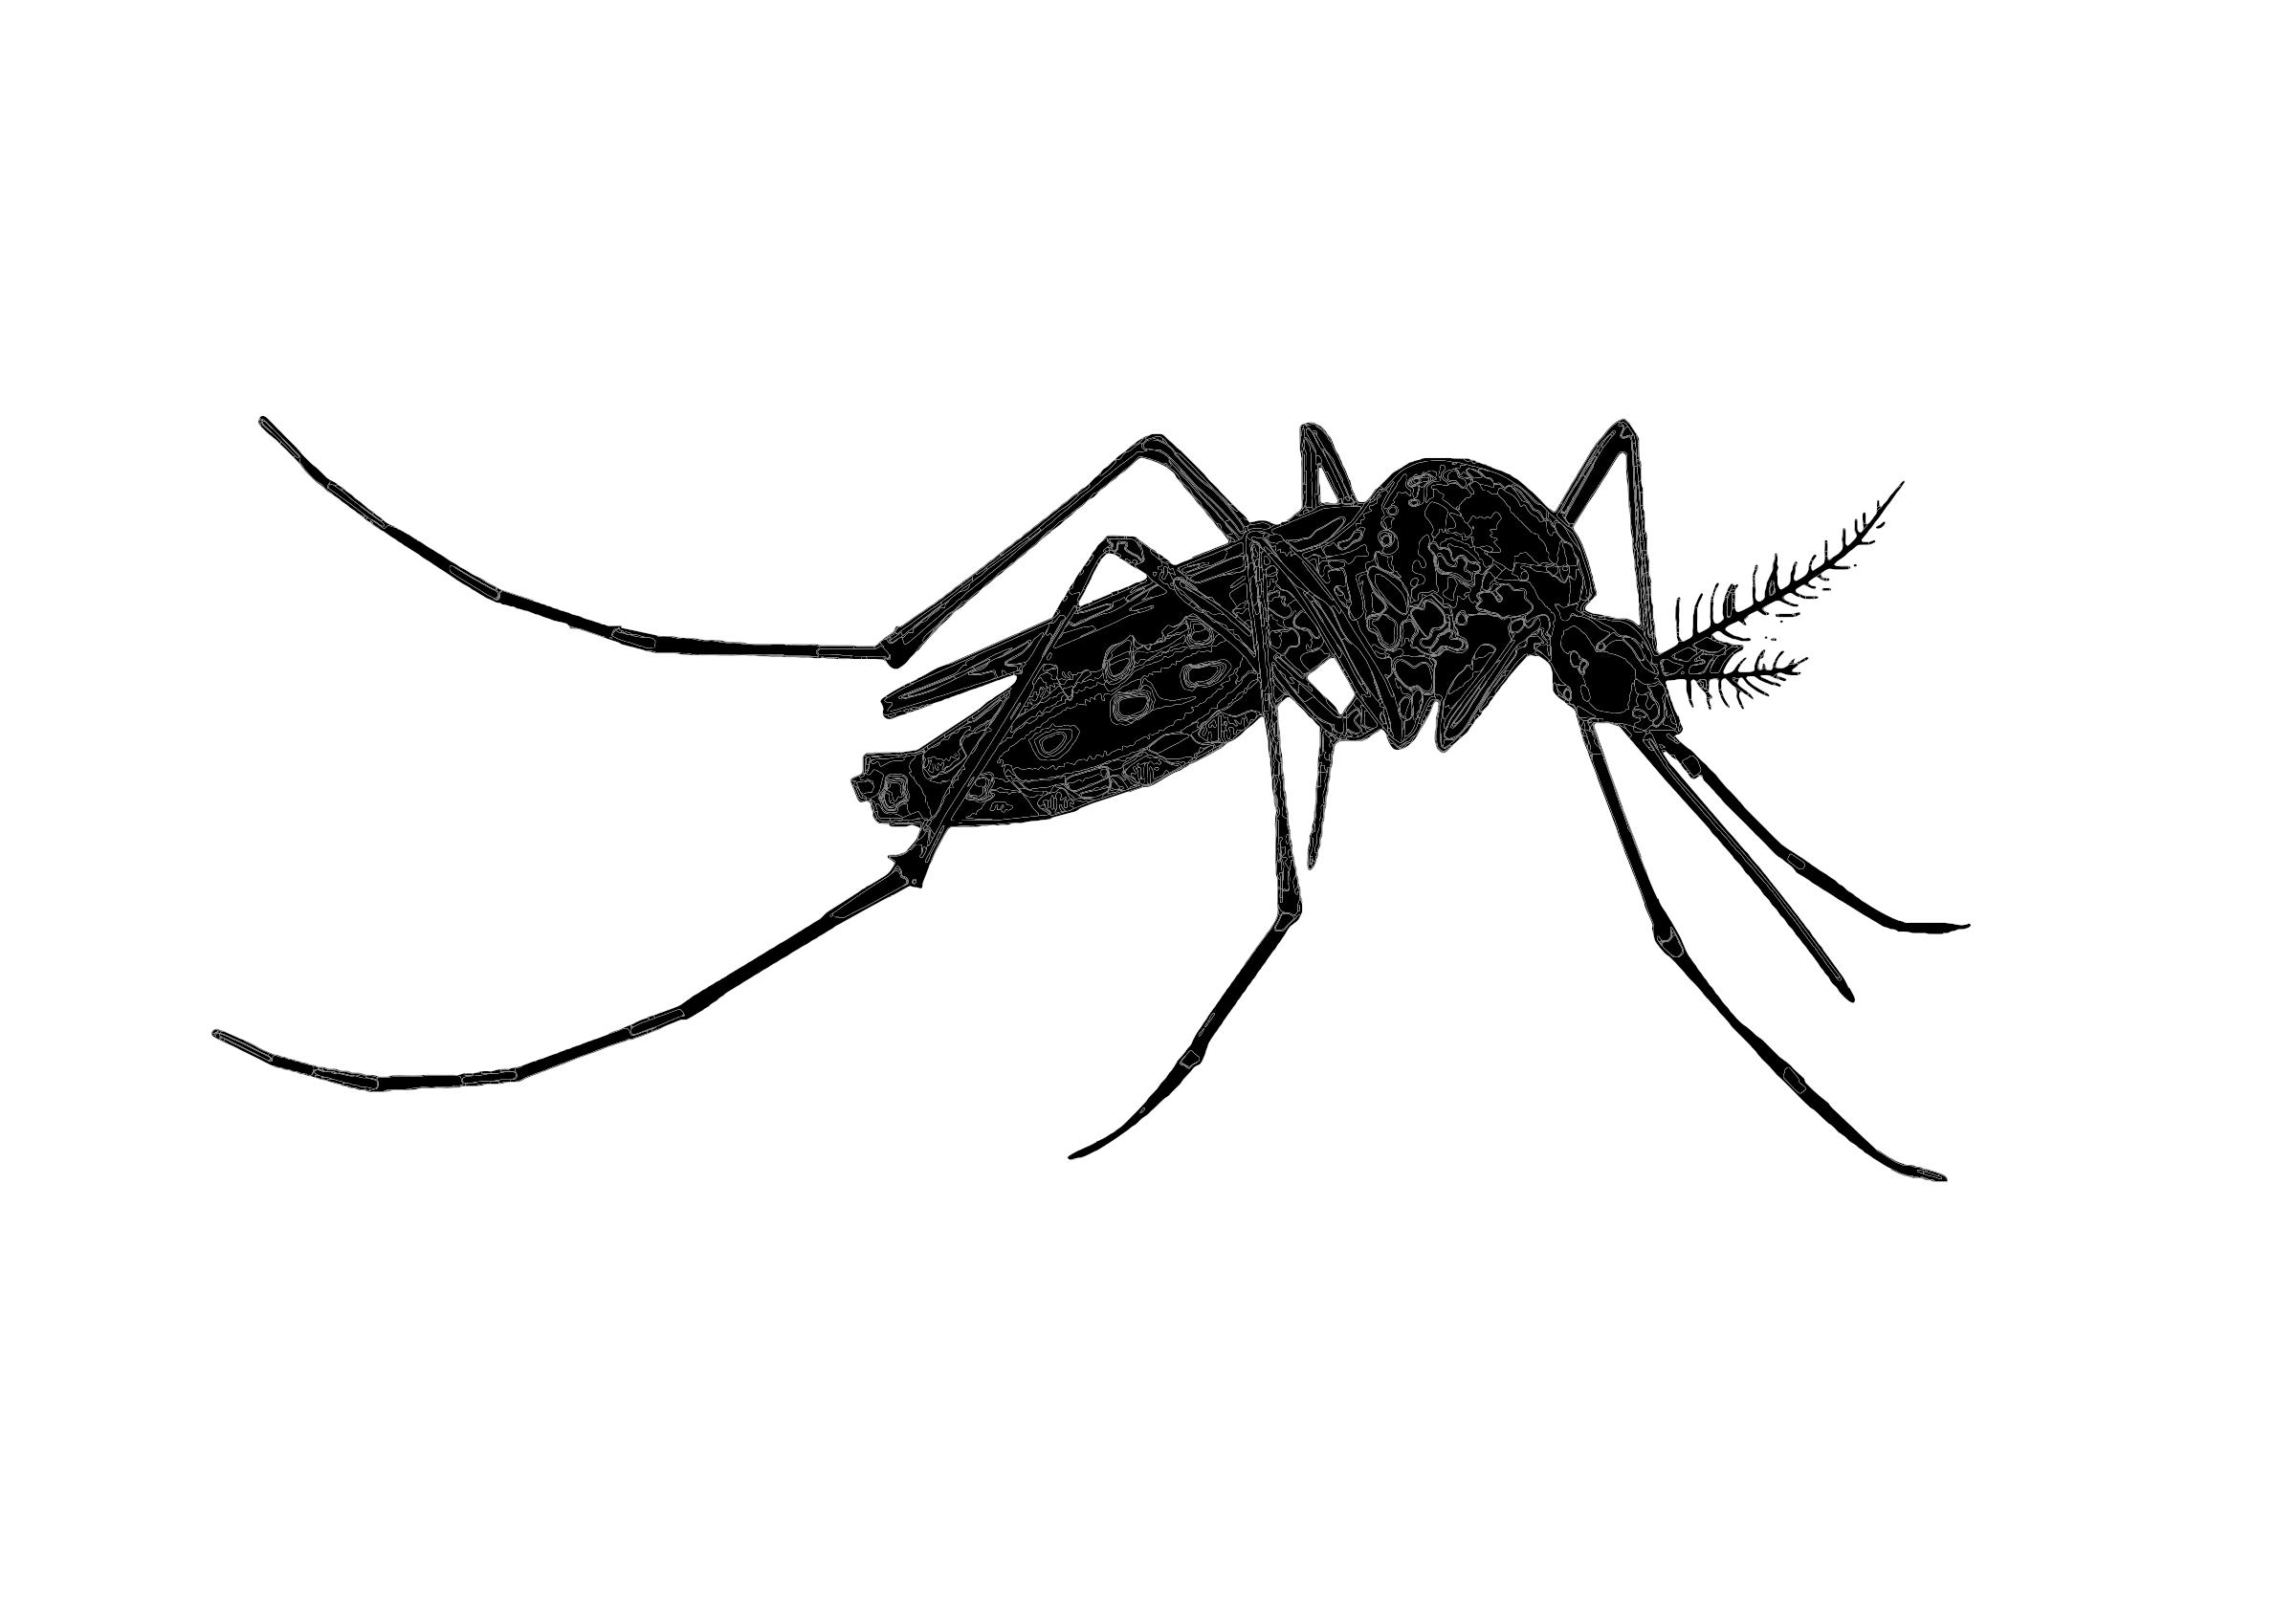 Прозирна позадина комараца # 1523657